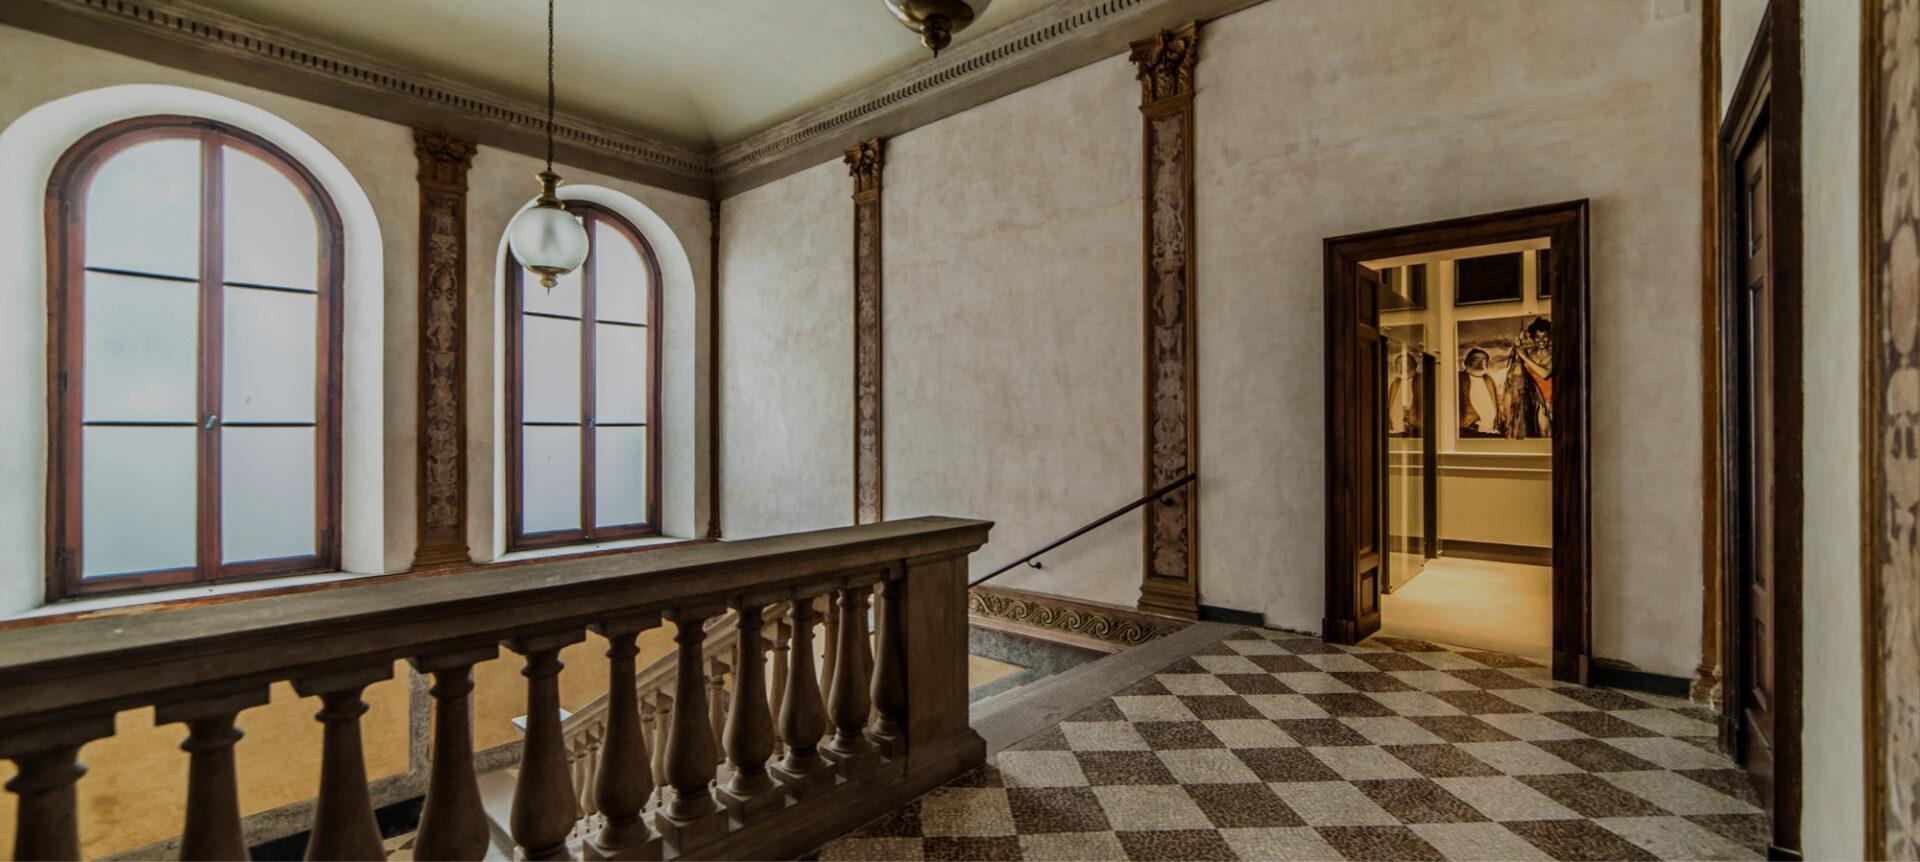 Foto di un elegante palazzo d'epoca - Cittamoderna